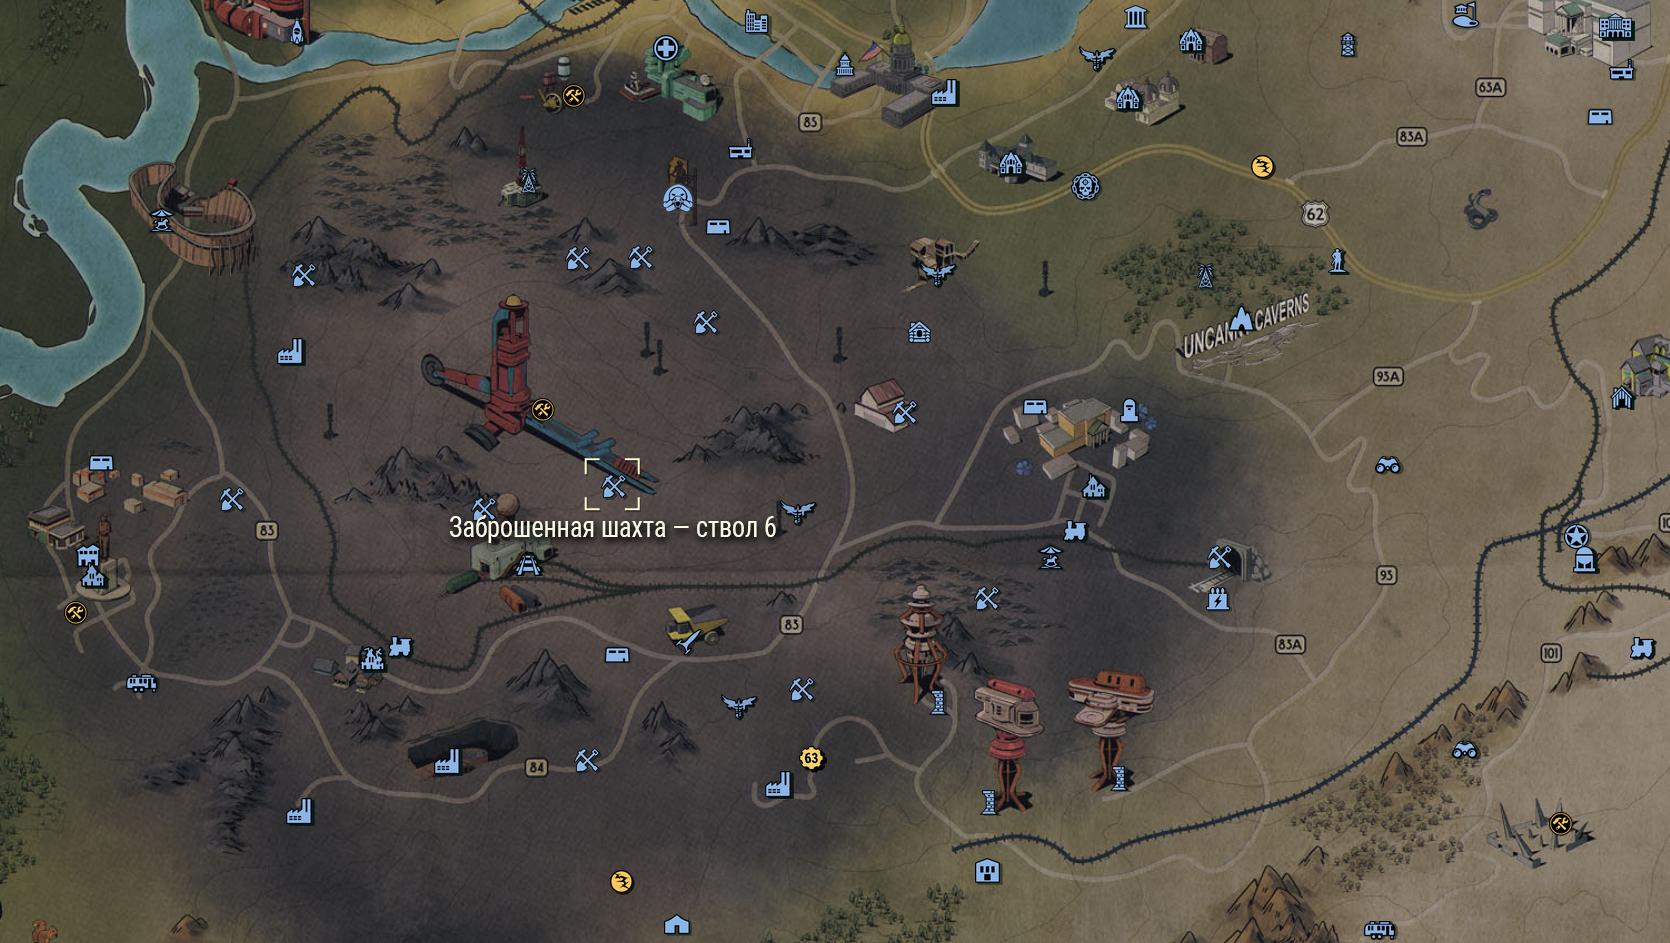 Заброшенная шахта — ствол 6